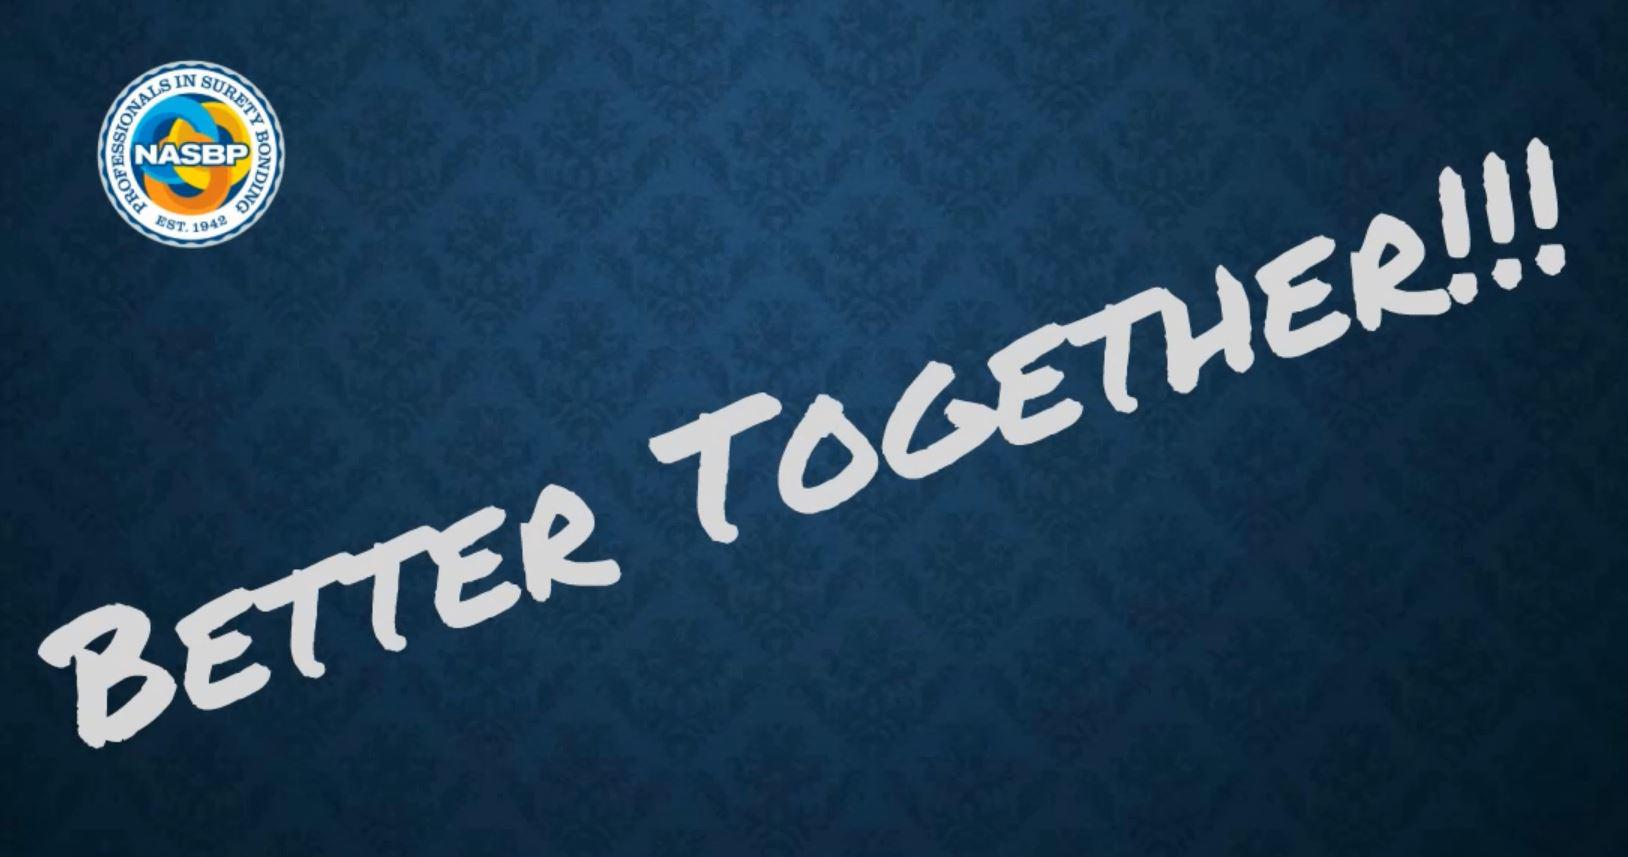 Better Together!!!